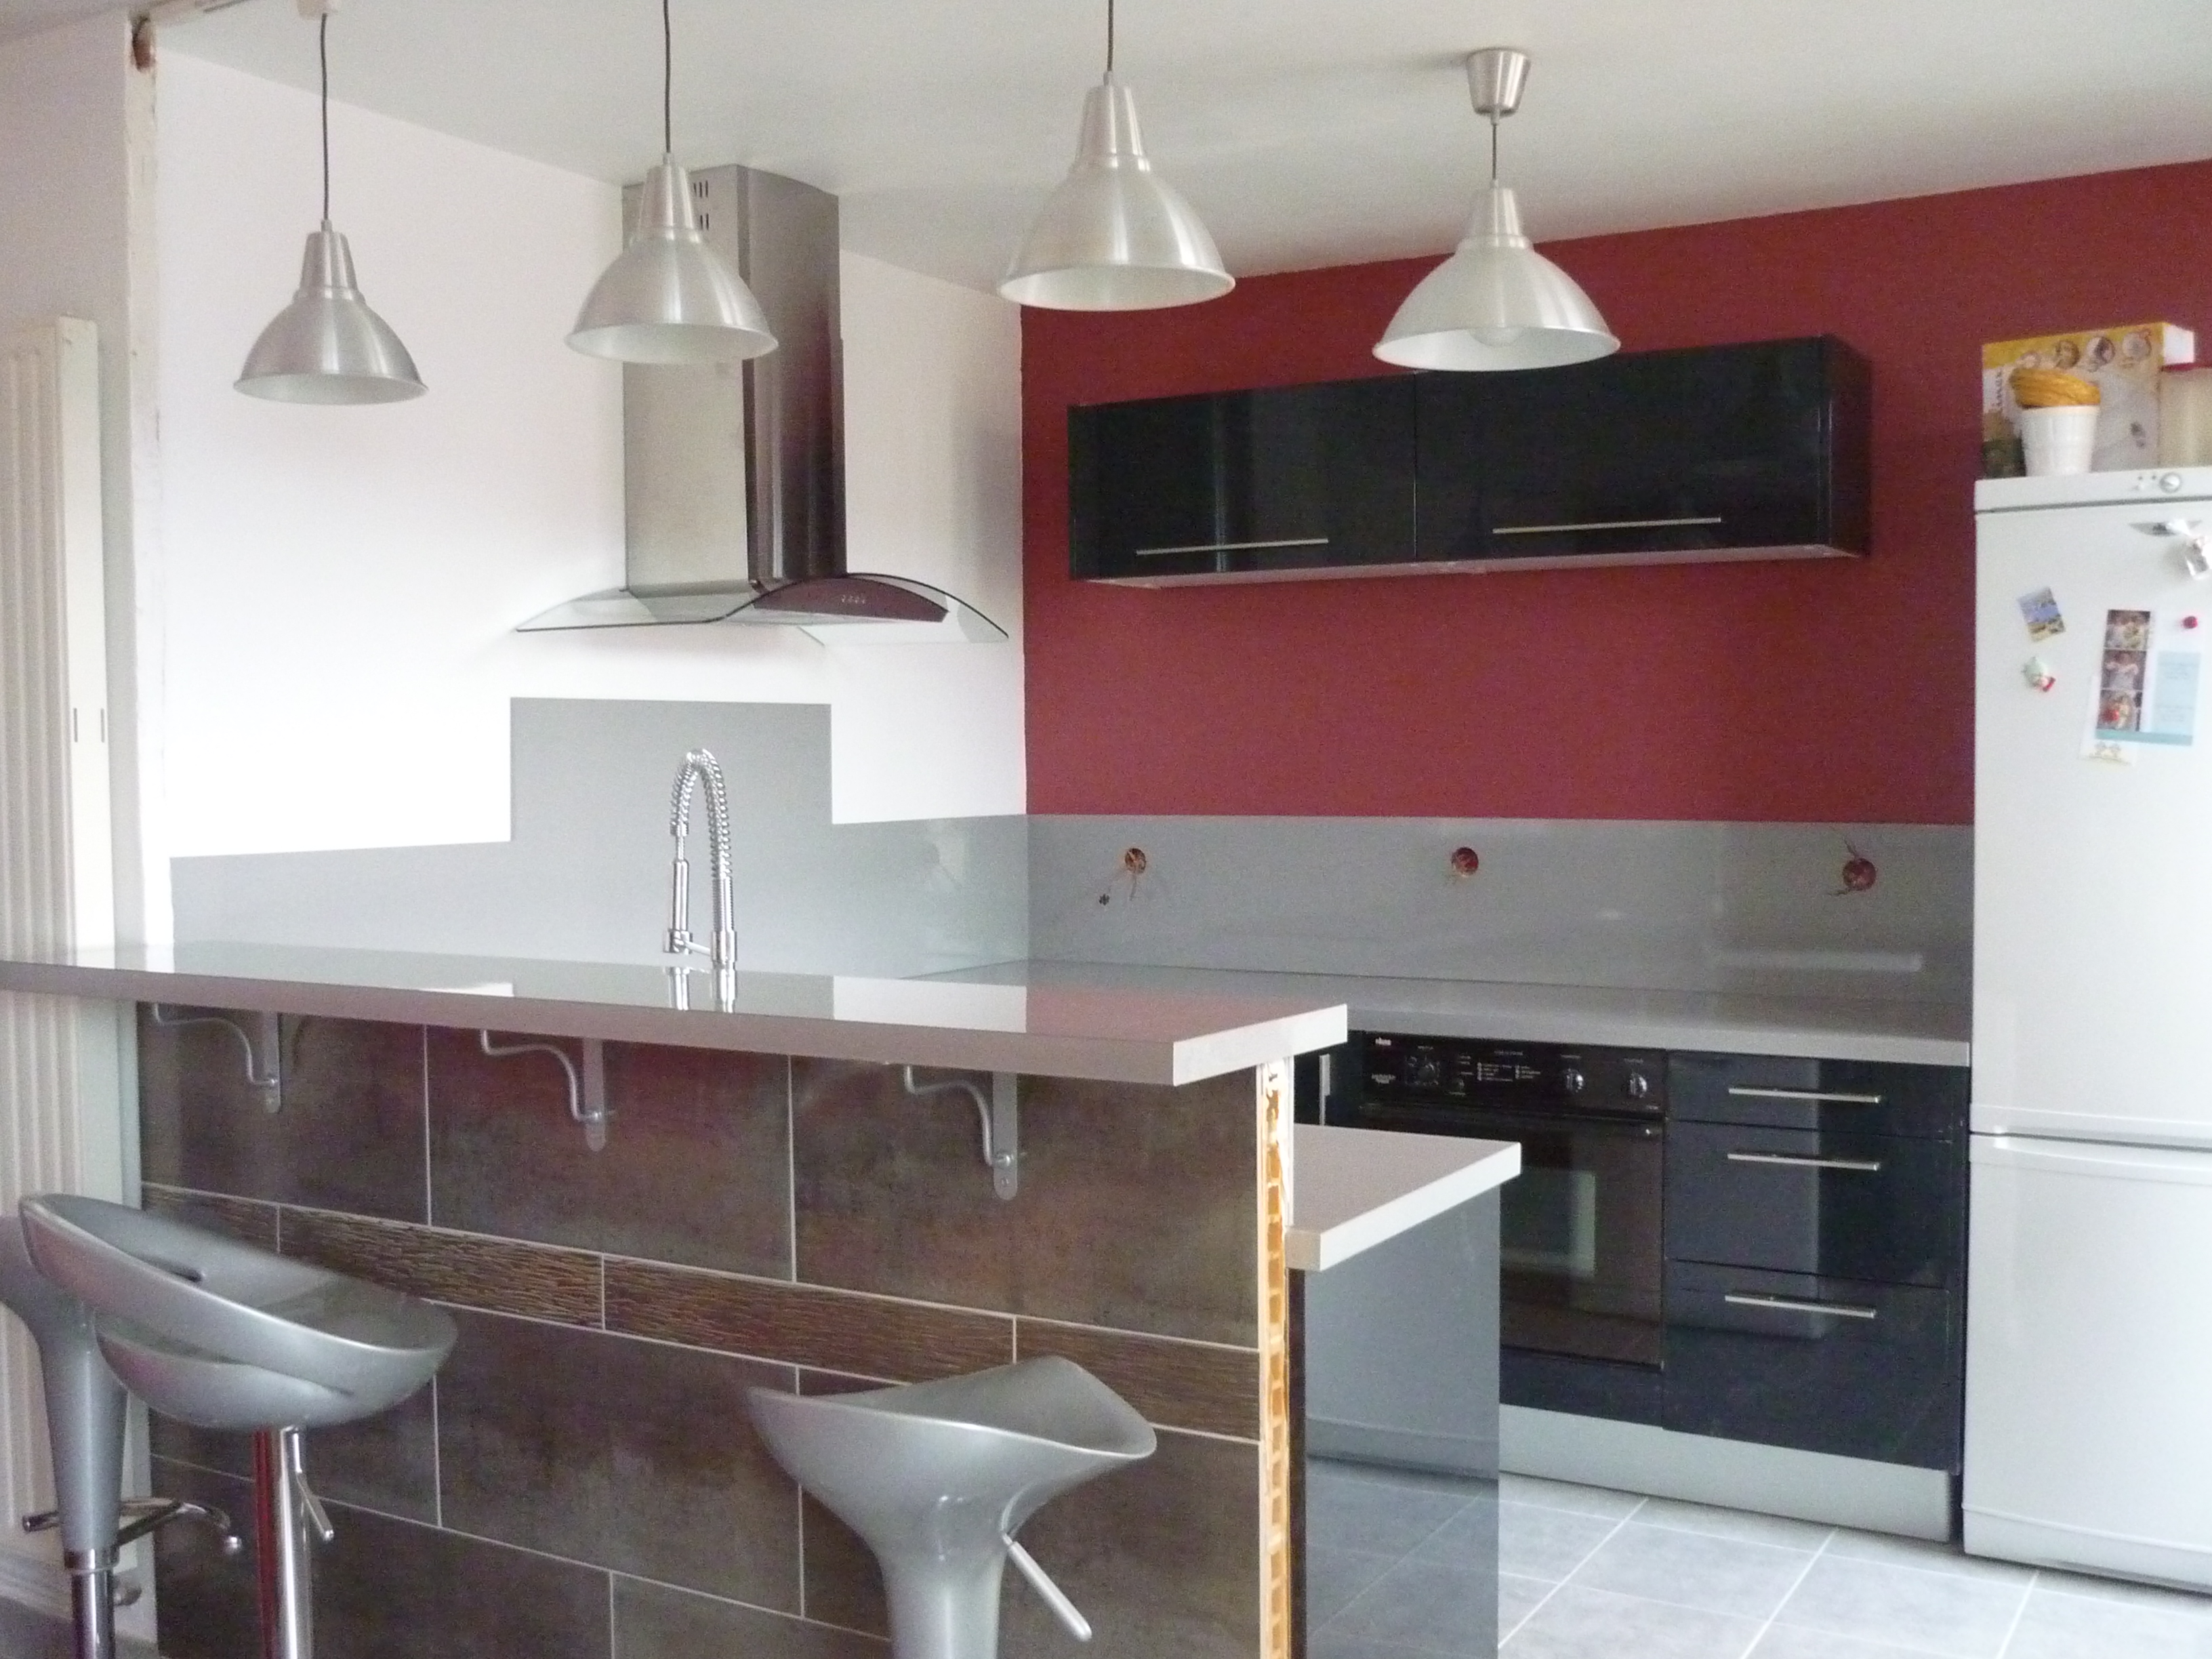 modele de bar cuisine - atwebster.fr - maison et mobilier